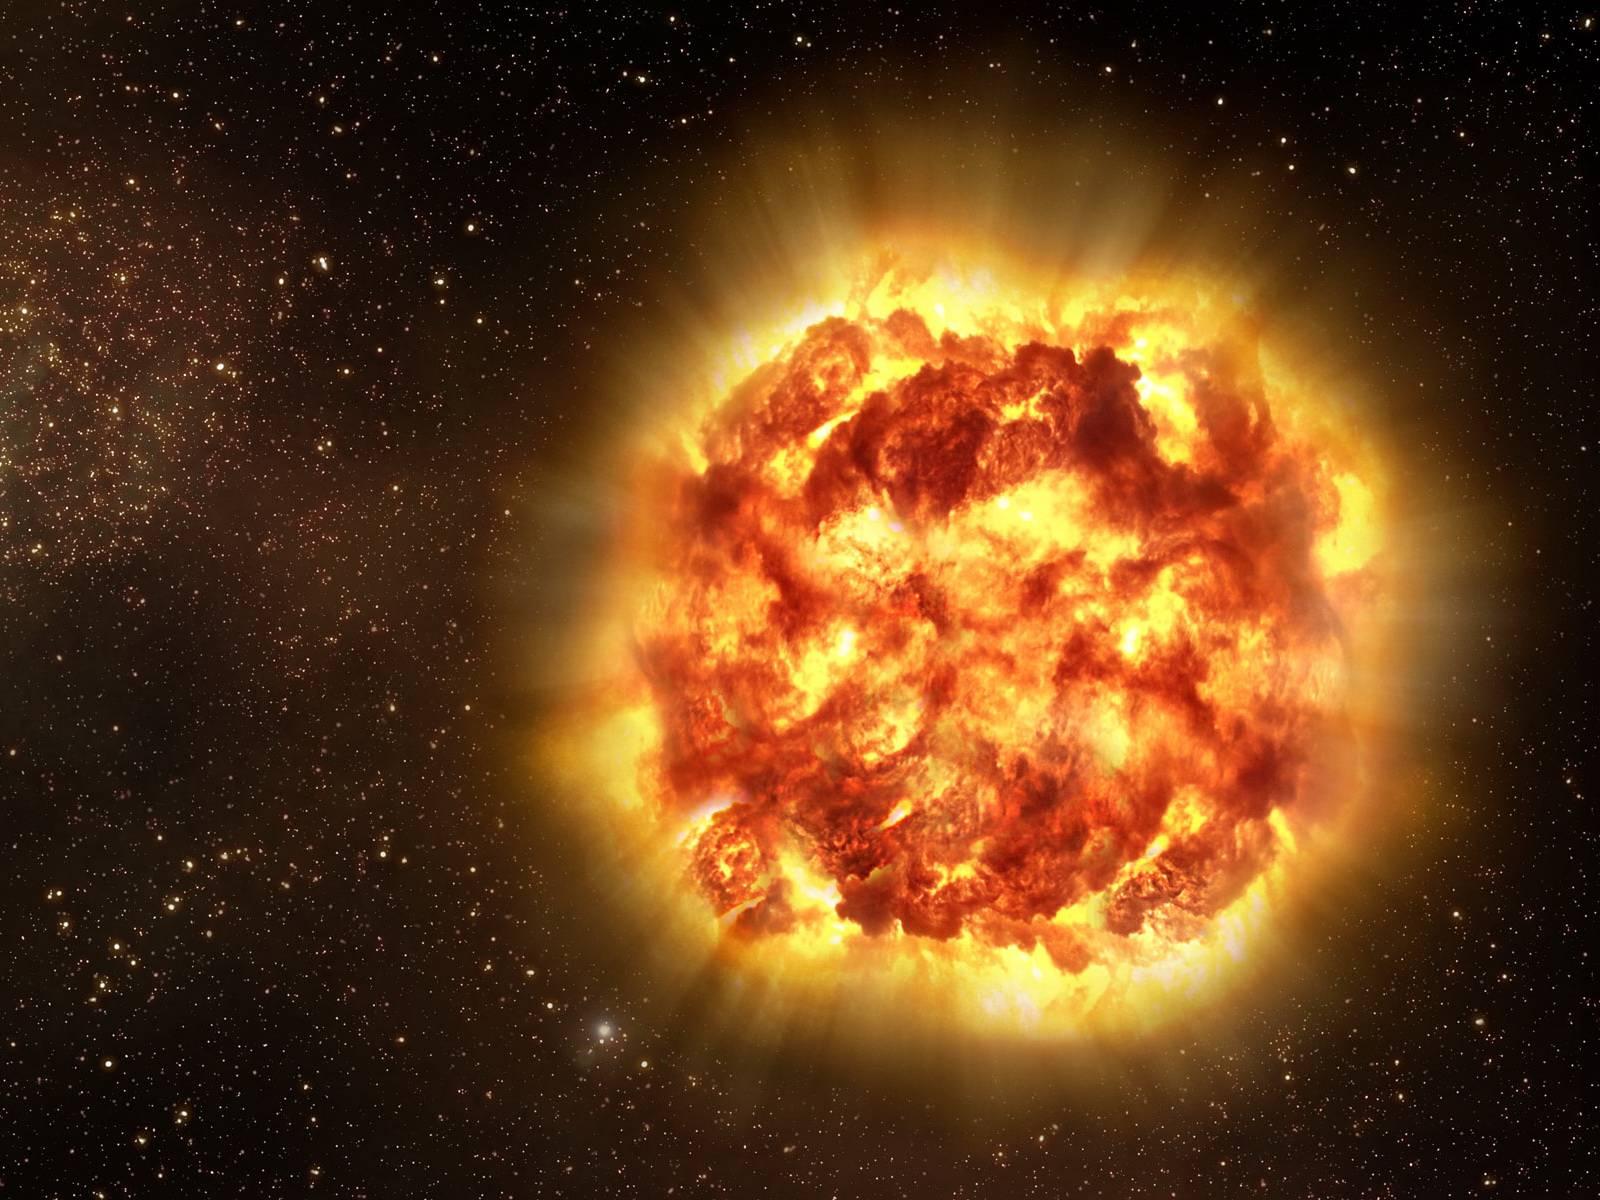 papka-foto-samye-udivitelnye-kosmicheskie-otkrytiya-za-vsyu-istoriyu-bolshojj-vzryv